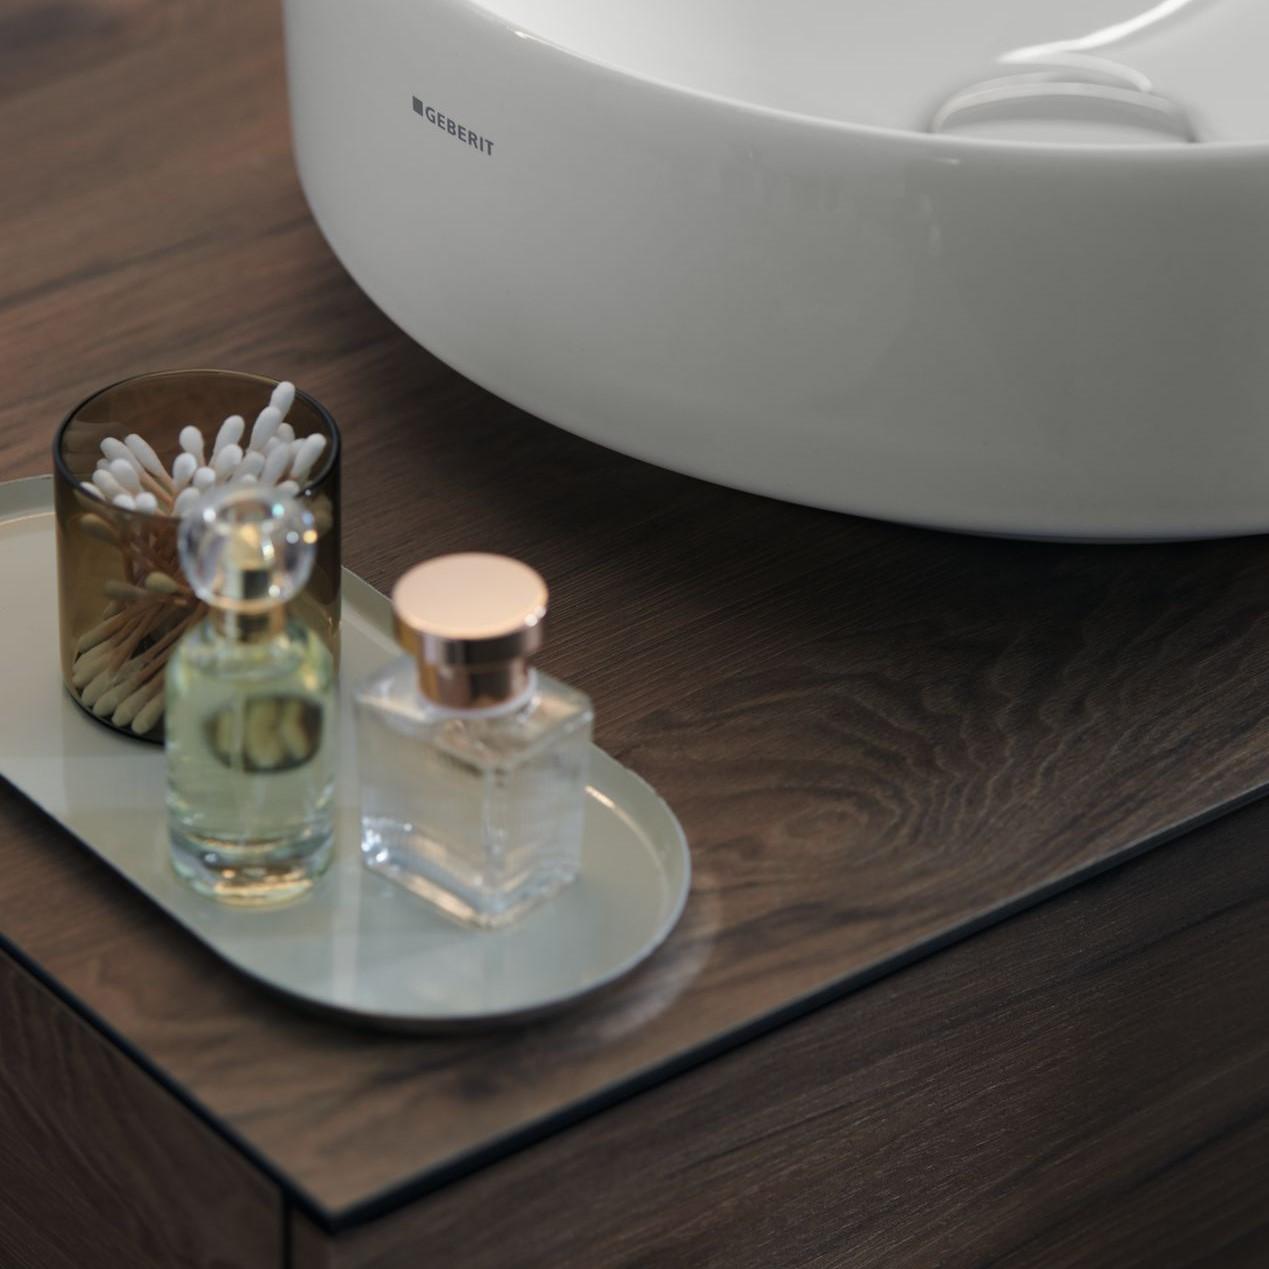 kúpeľňový nábytok, ktorý je určený pre umývadlá Geberit VariForm